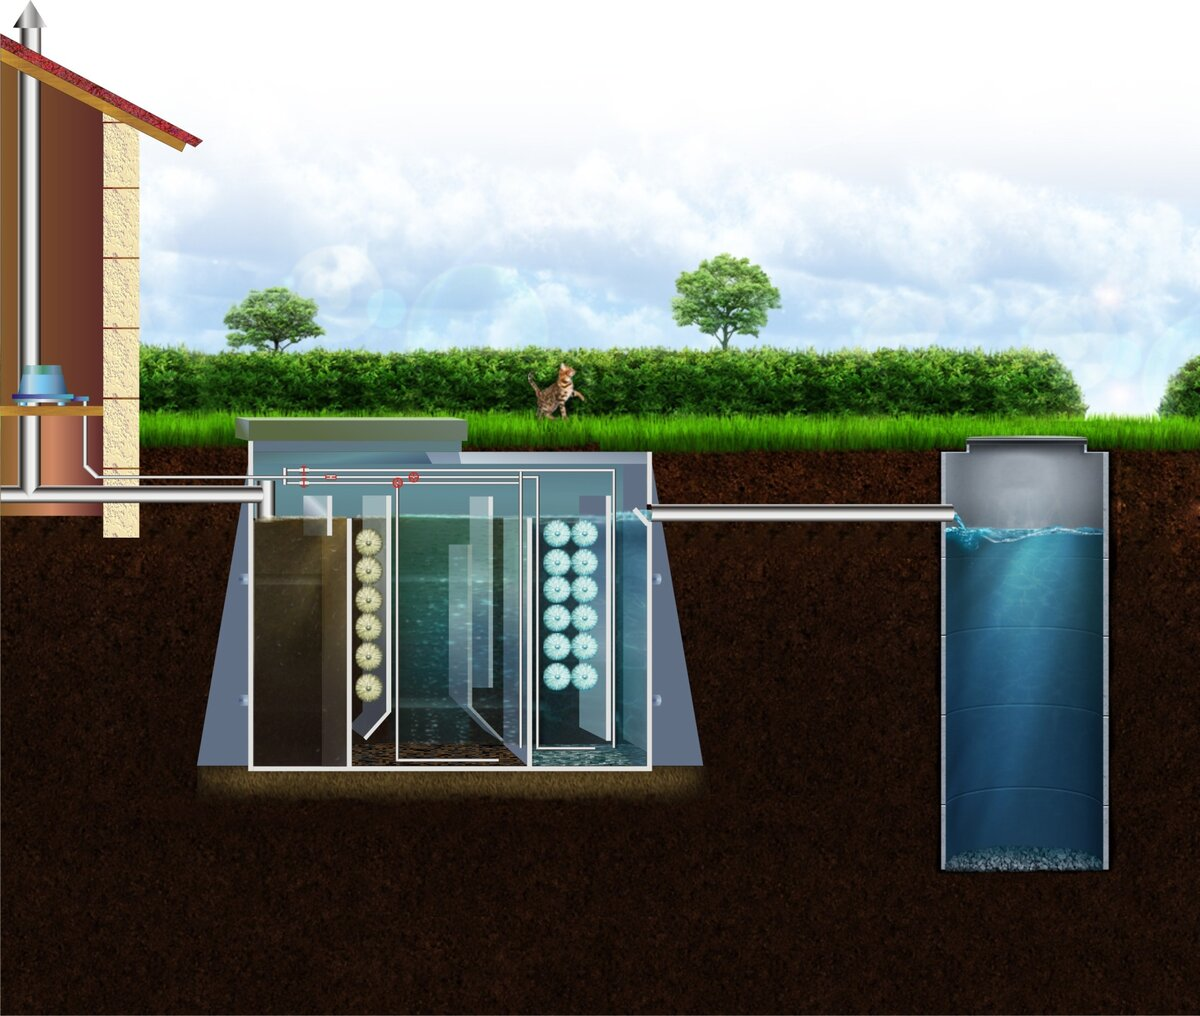 Септик: разновидности септиков для использования в частном доме, их преимущества и недостатки